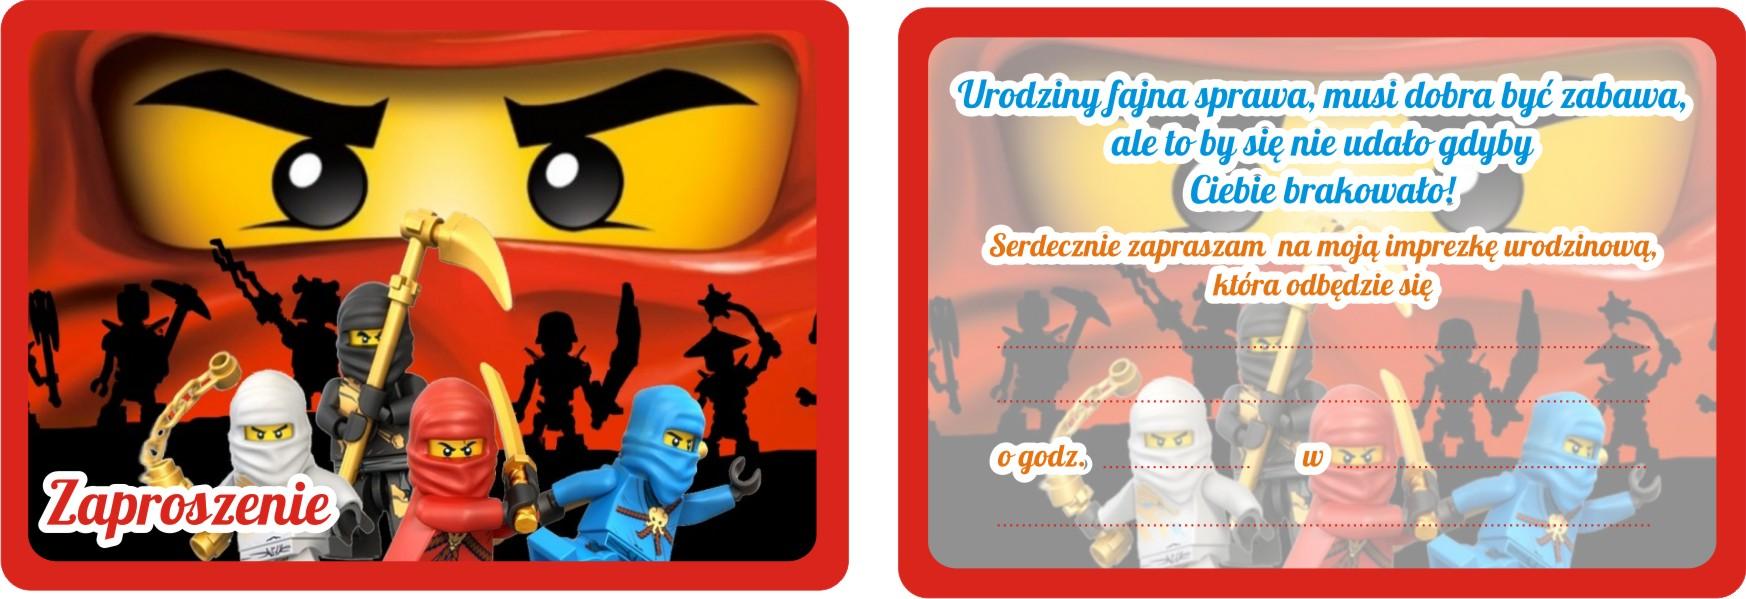 Zaproszenia Urodzinowe Dla Dzieci Lego Ninjago 7528278947 Allegropl